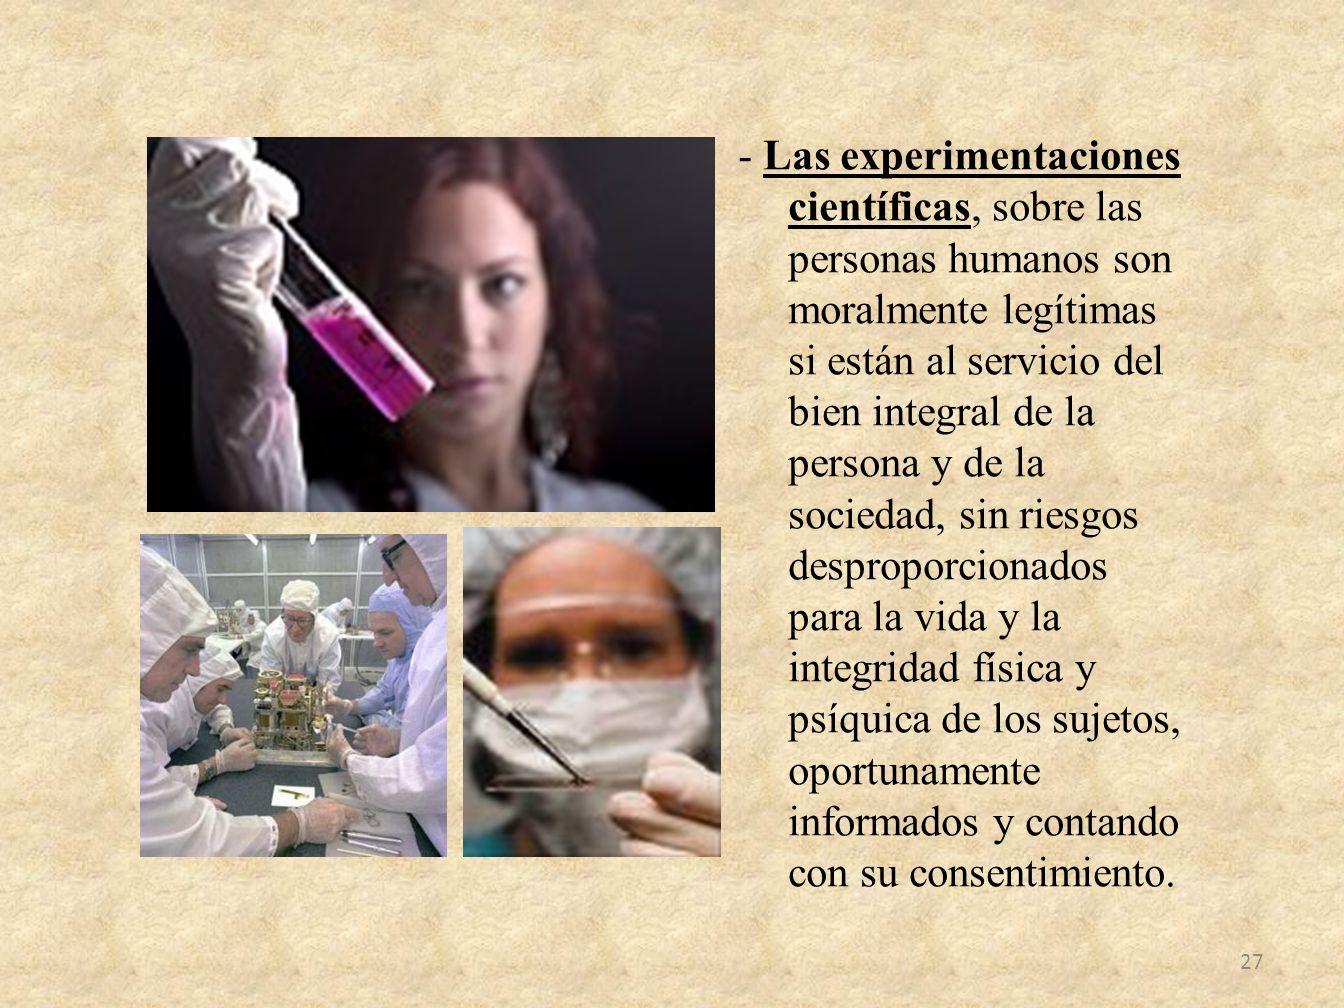 - Las experimentaciones científicas, sobre las personas humanos son moralmente legítimas si están al servicio del bien integral de la persona y de la